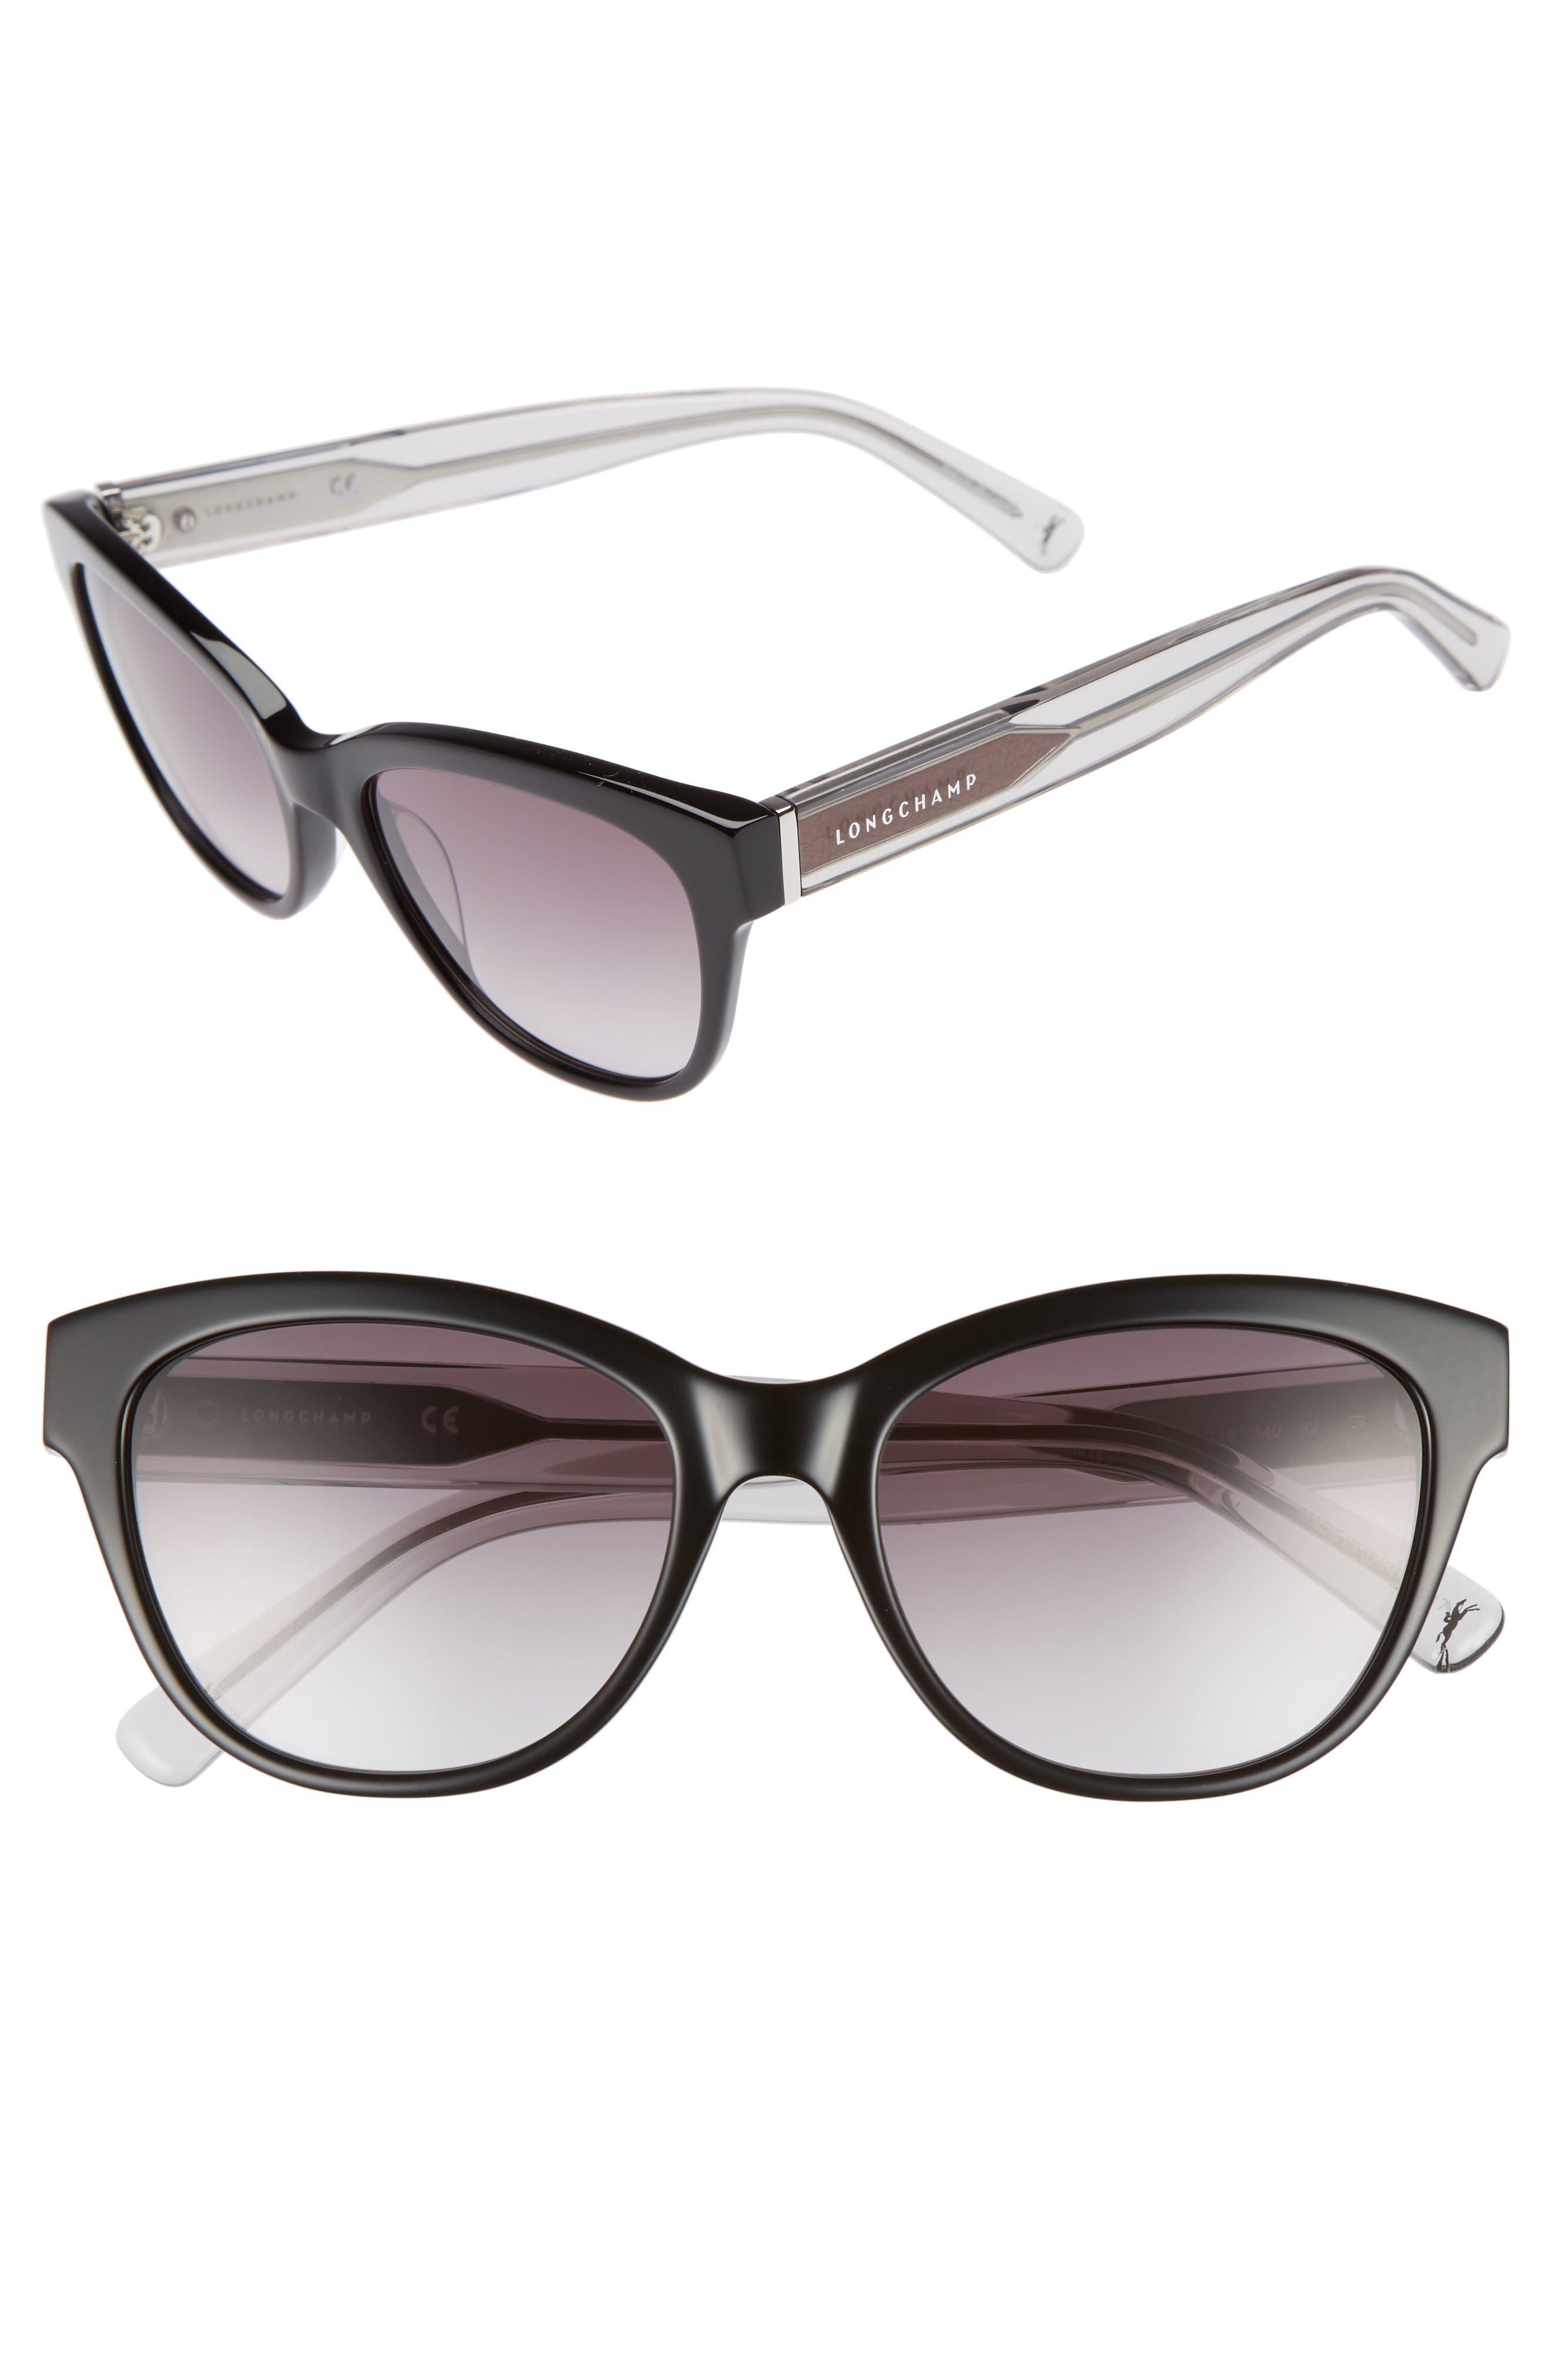 54mm Gradient Lens Sunglasses,                         Main,                         color, Black